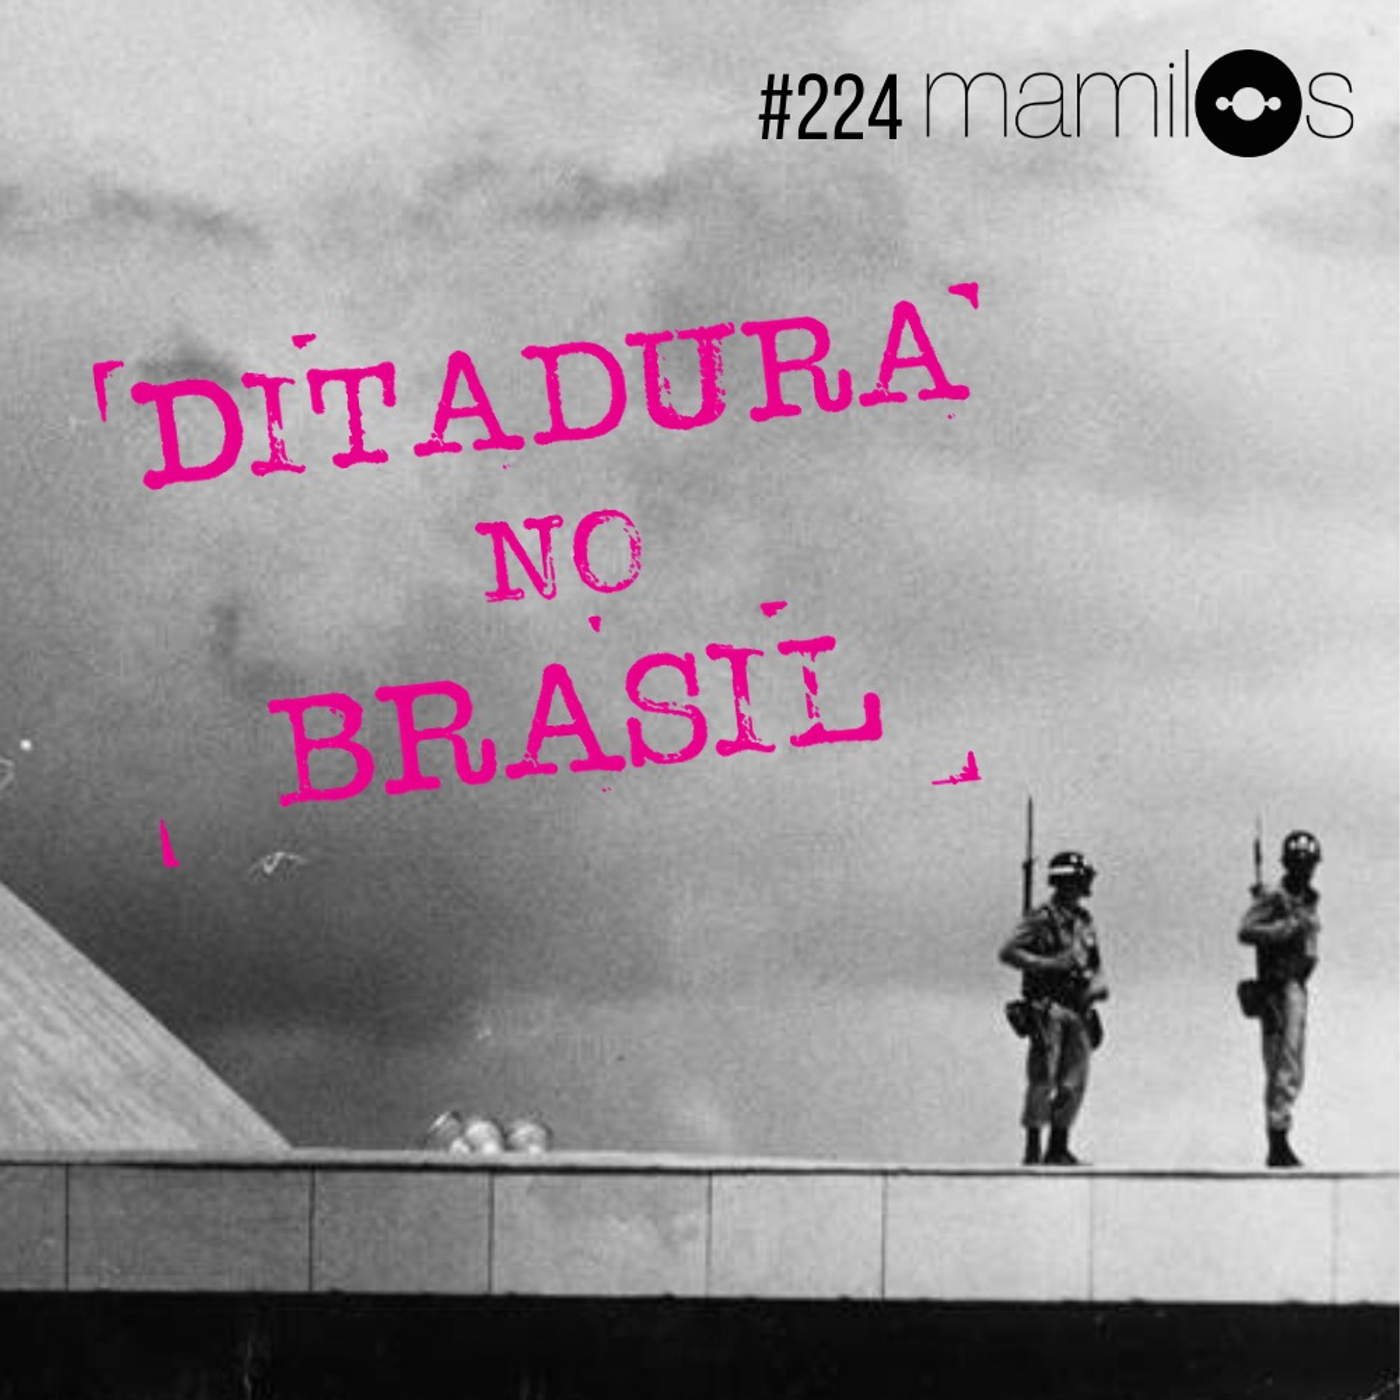 Ditadura no Brasil